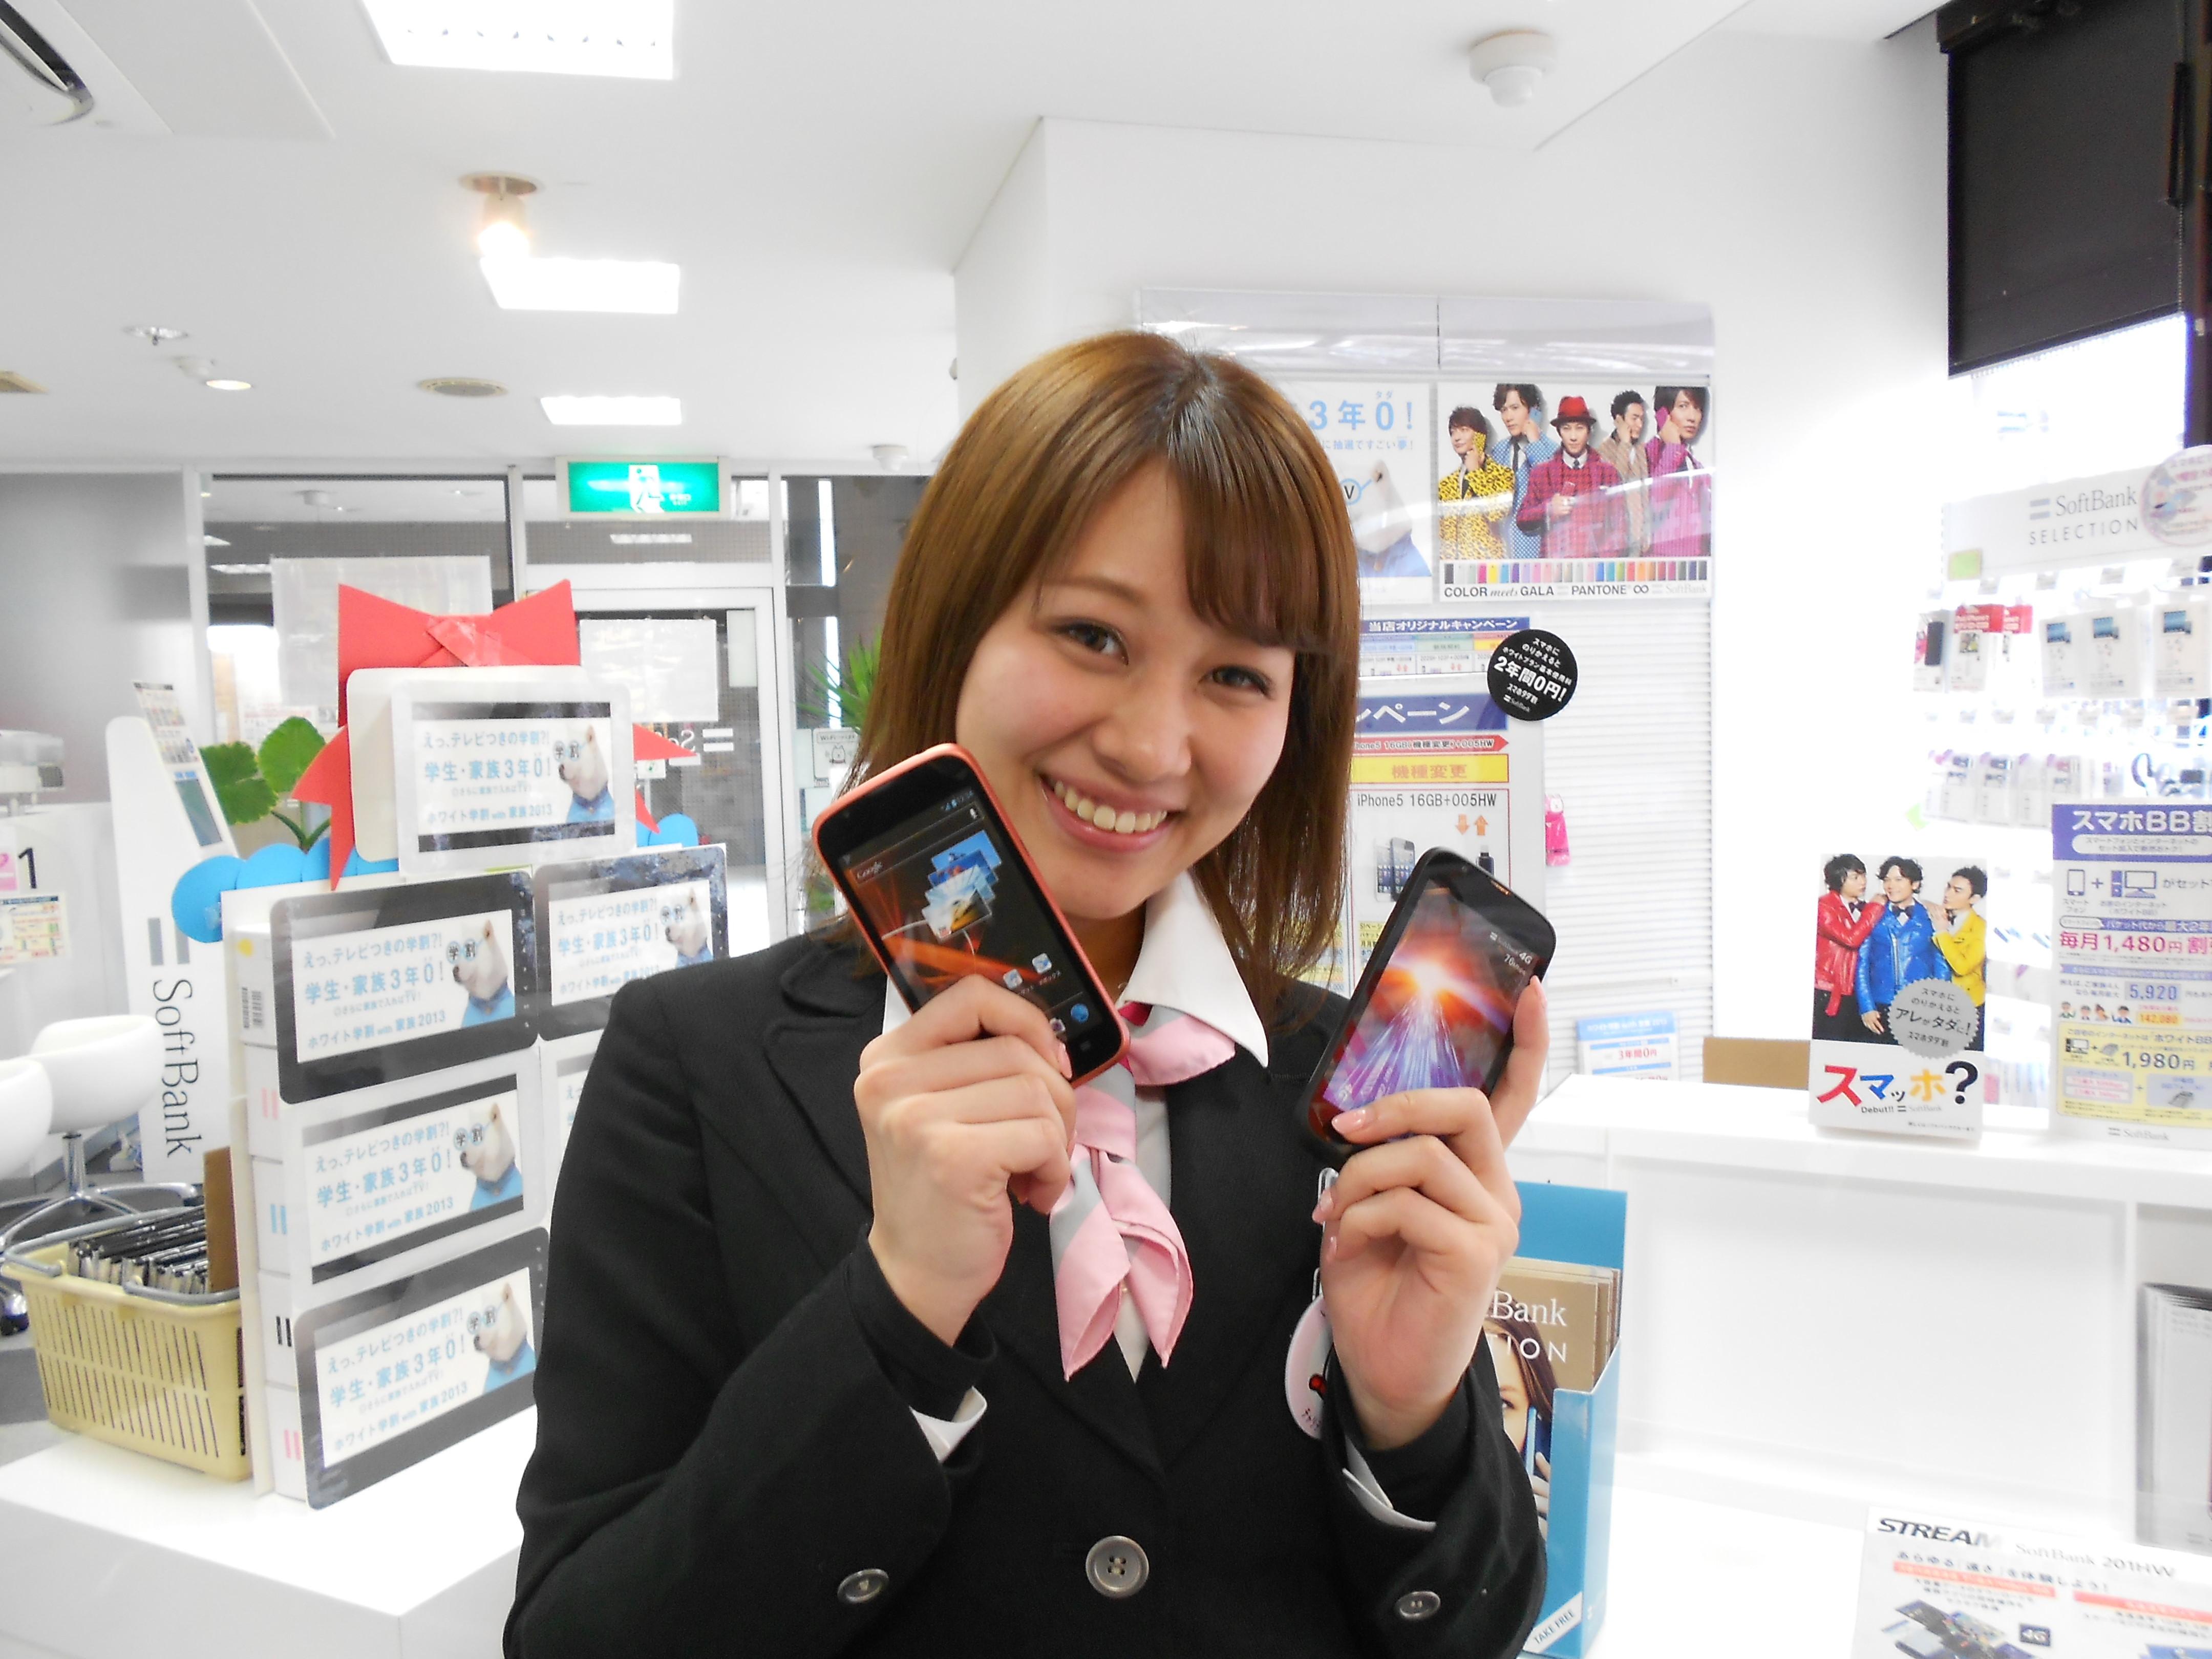 ワイモバイル 鹿島田(株式会社シエロ)のアルバイト情報